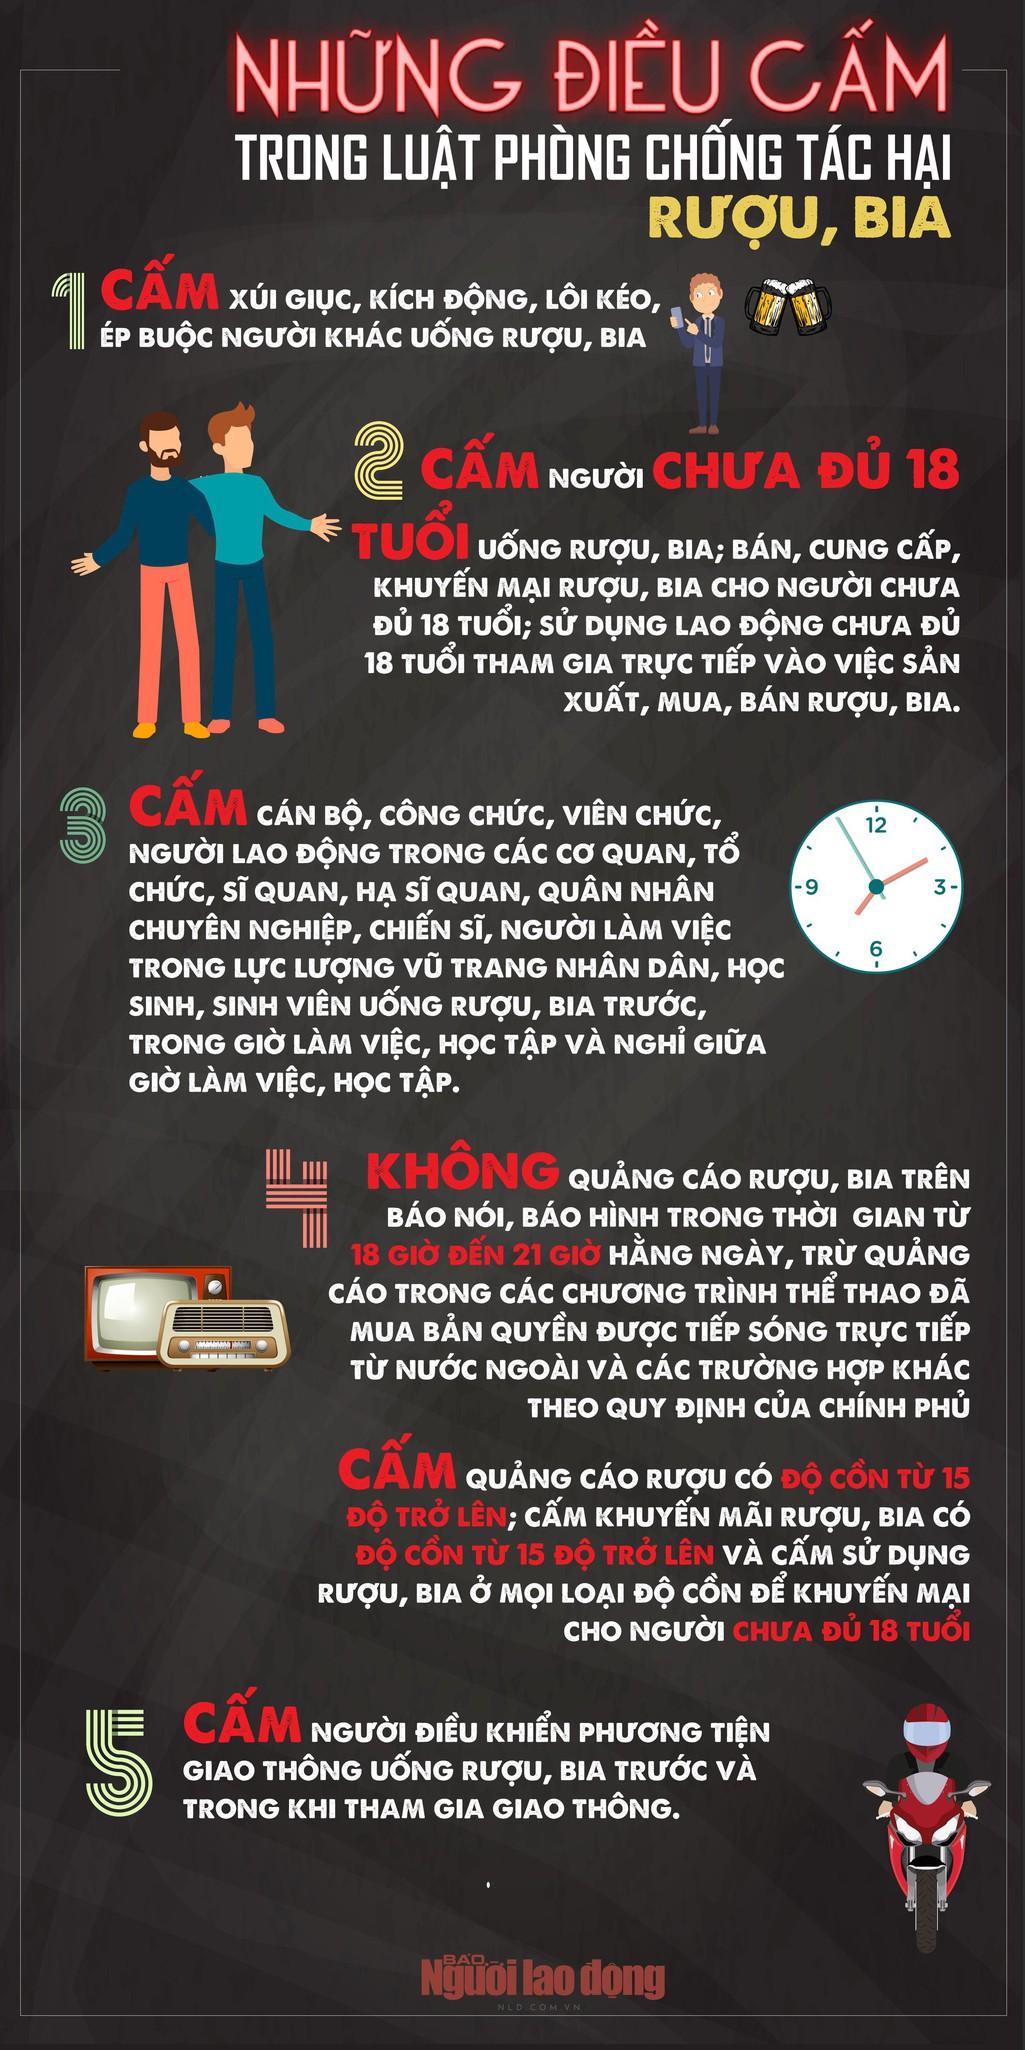 [infographic] -  Những điều cấm trong Luật Phòng chống tác hại rượu, bia - Ảnh 1.